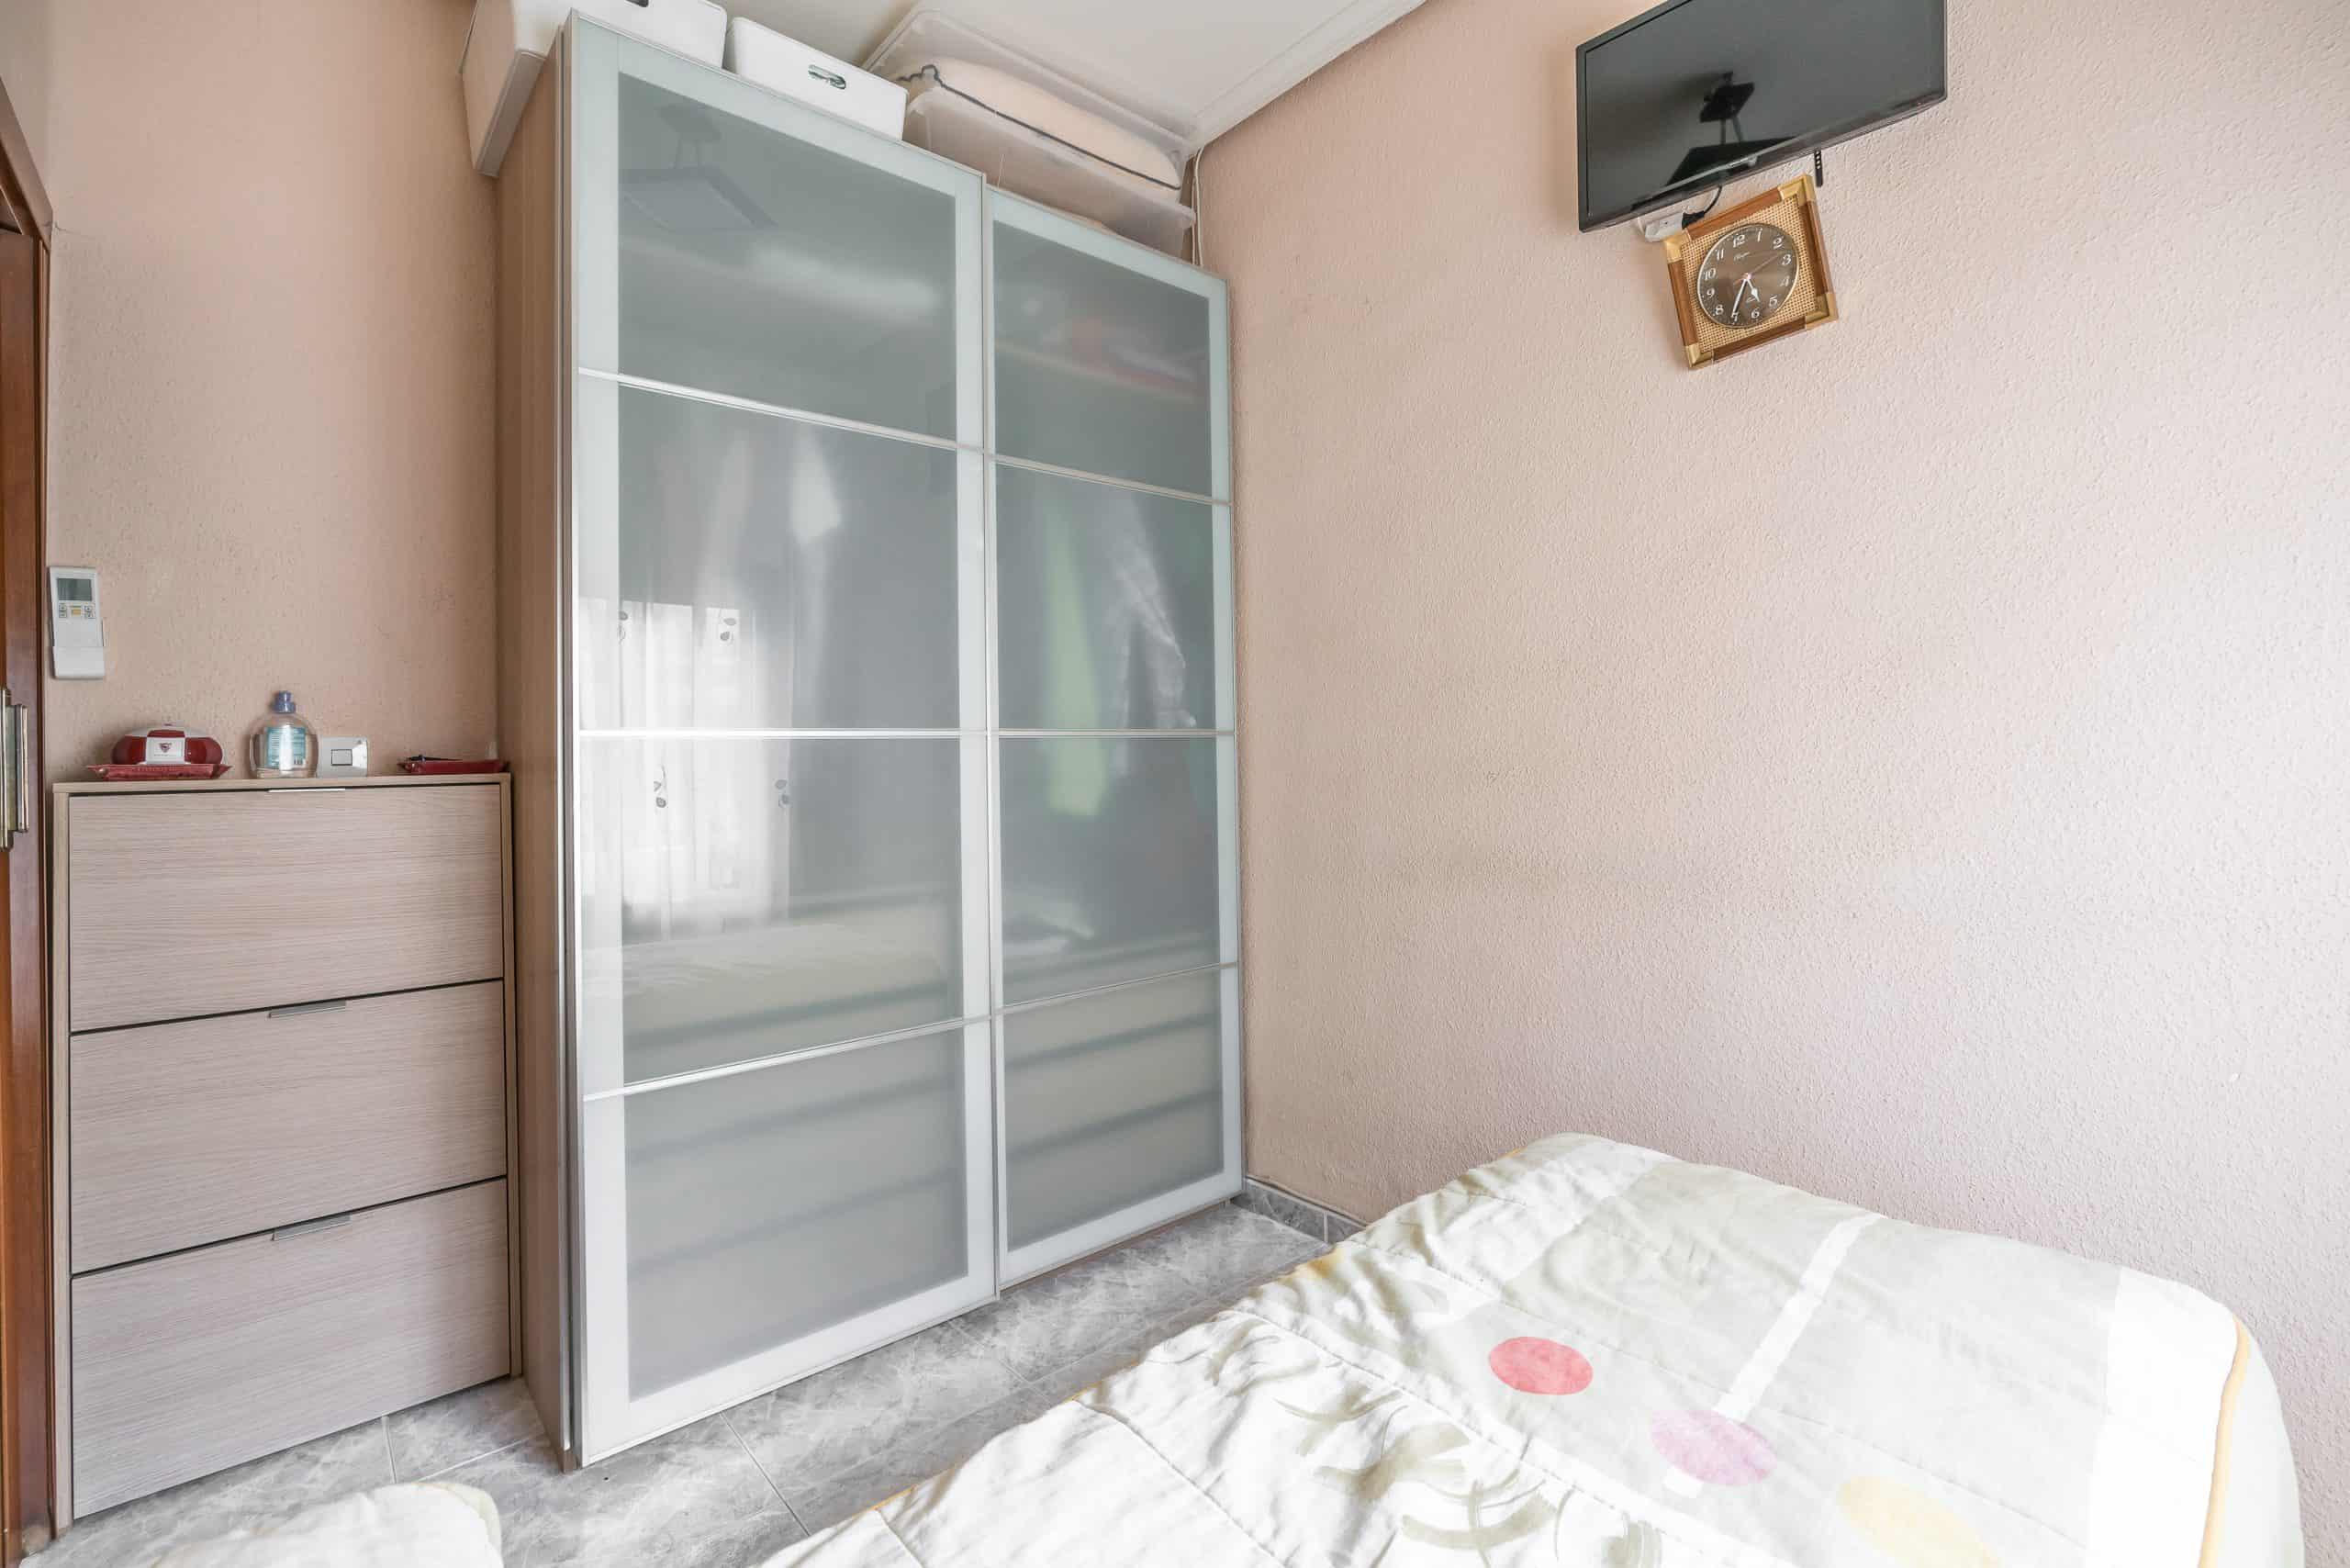 Agencia Inmobiliaria de Madrid-FUTUROCASA-Zona ARGANZUELA-EMBAJADORES-LEGAZPI4 DORMITORIO2 (6)